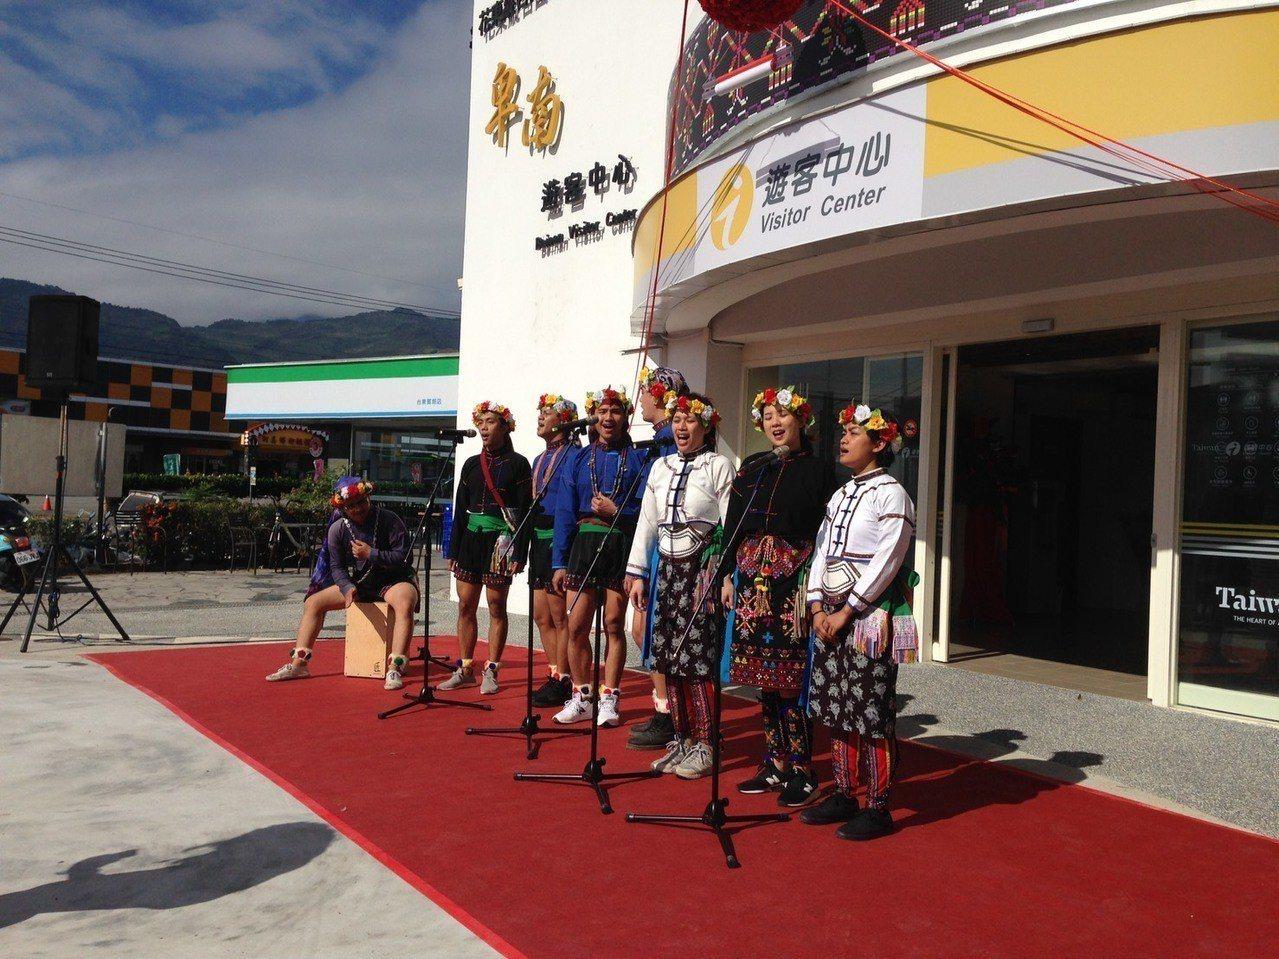 卑南族下賓朗部落族人獻唱傳統歌謠,為卑南遊客中心啟用拉開序幕。圖/縱管處提供